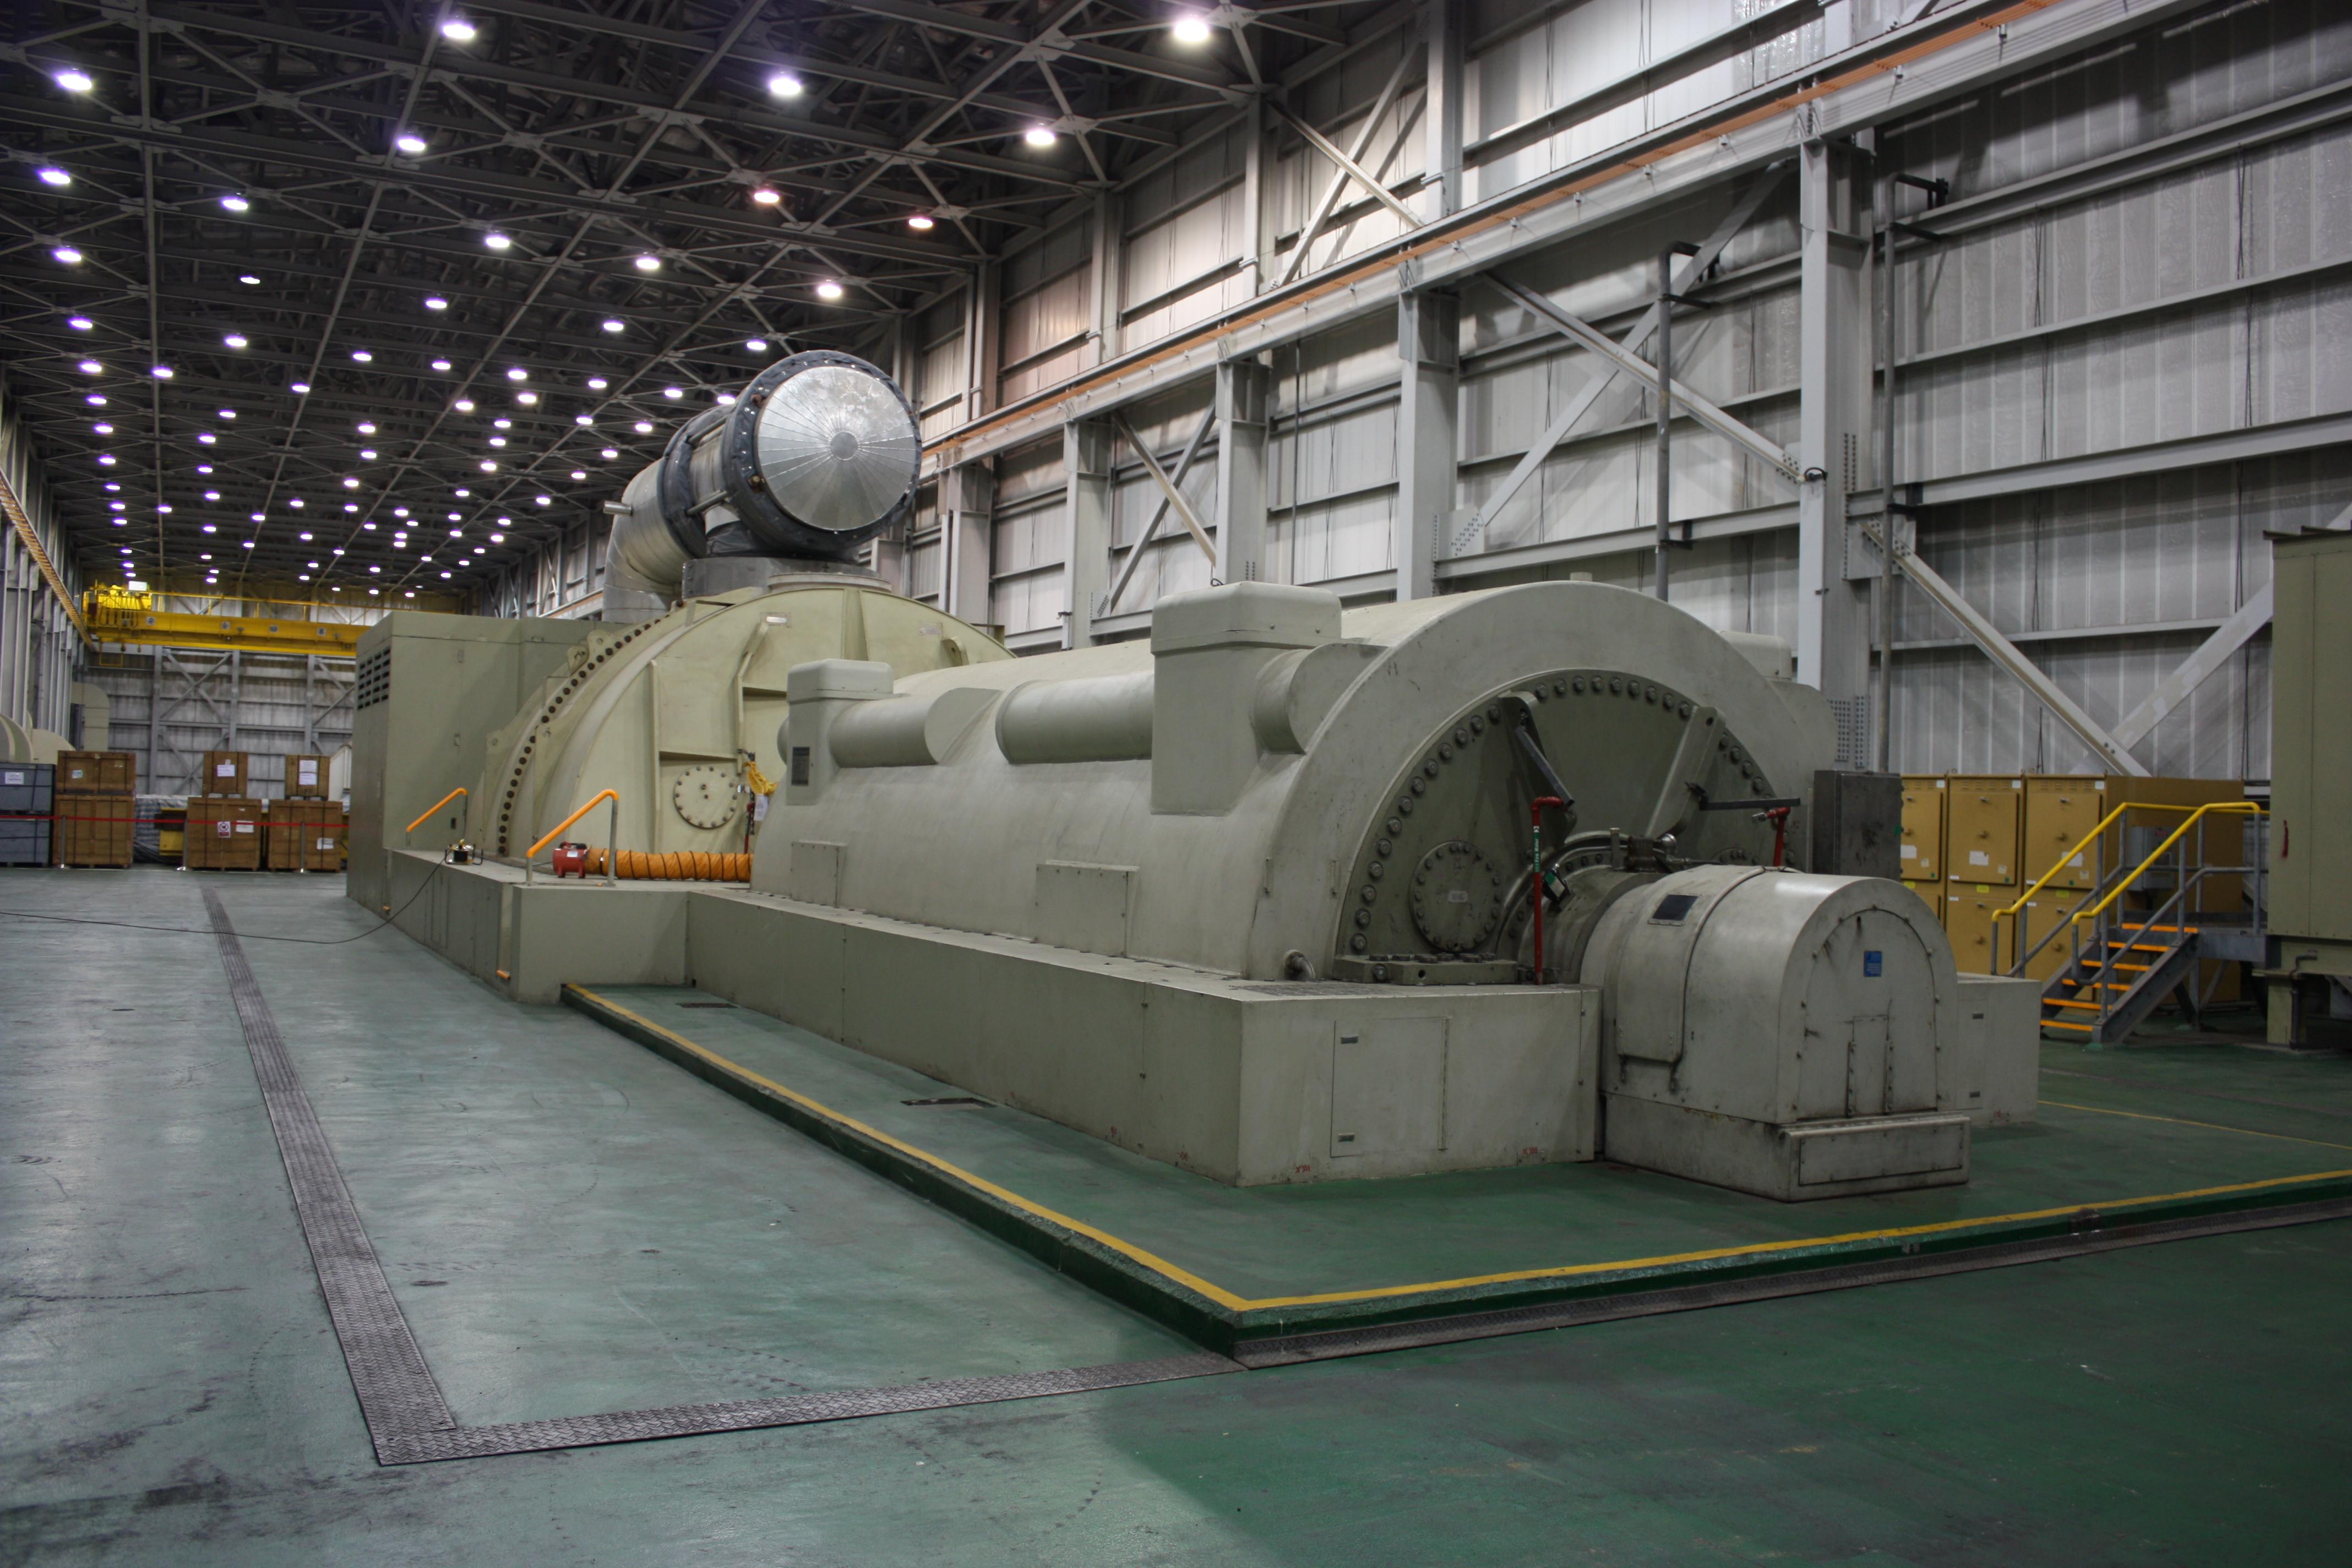 IMG_4464(Steam turbine).JPG